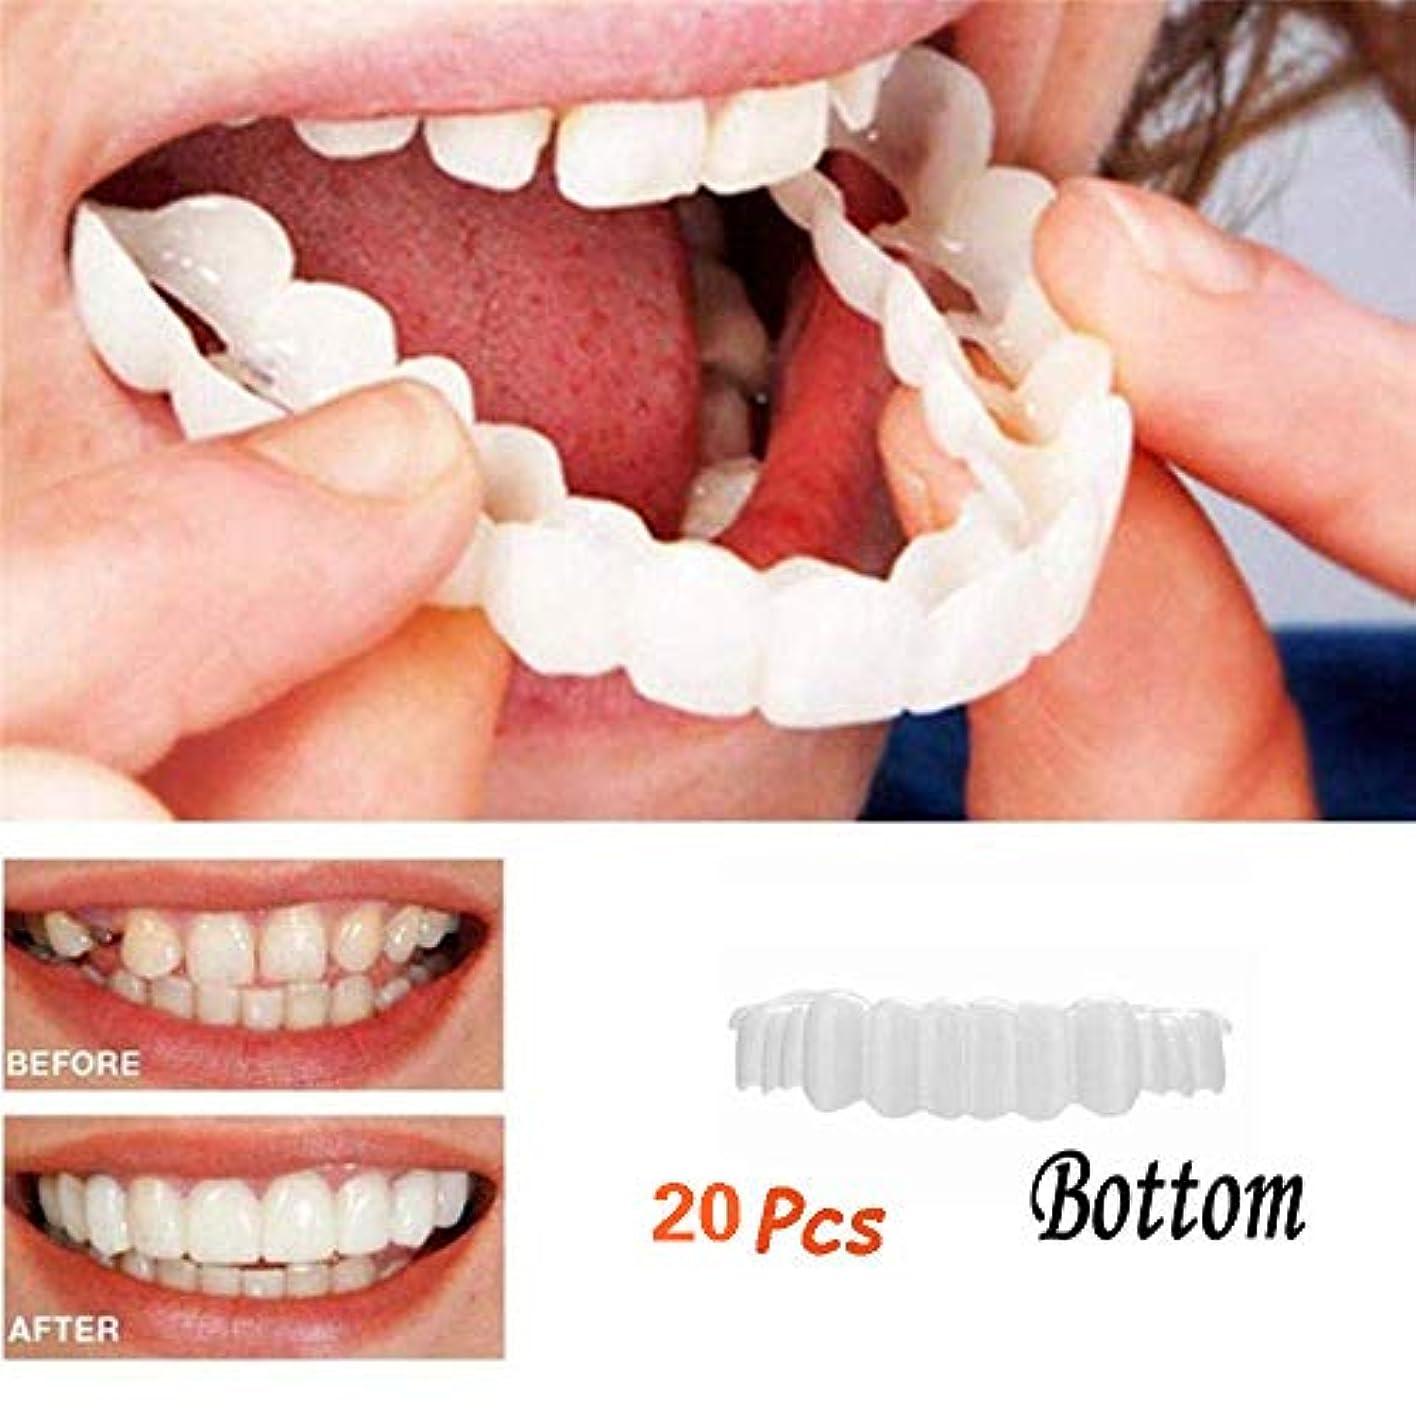 ディスク不利益呼び起こすボトム化粧品歯コンフォートフィットフレックス化粧品歯コーブ義歯歯磨き粉インスタントスマイルサイズにぴったり-20個